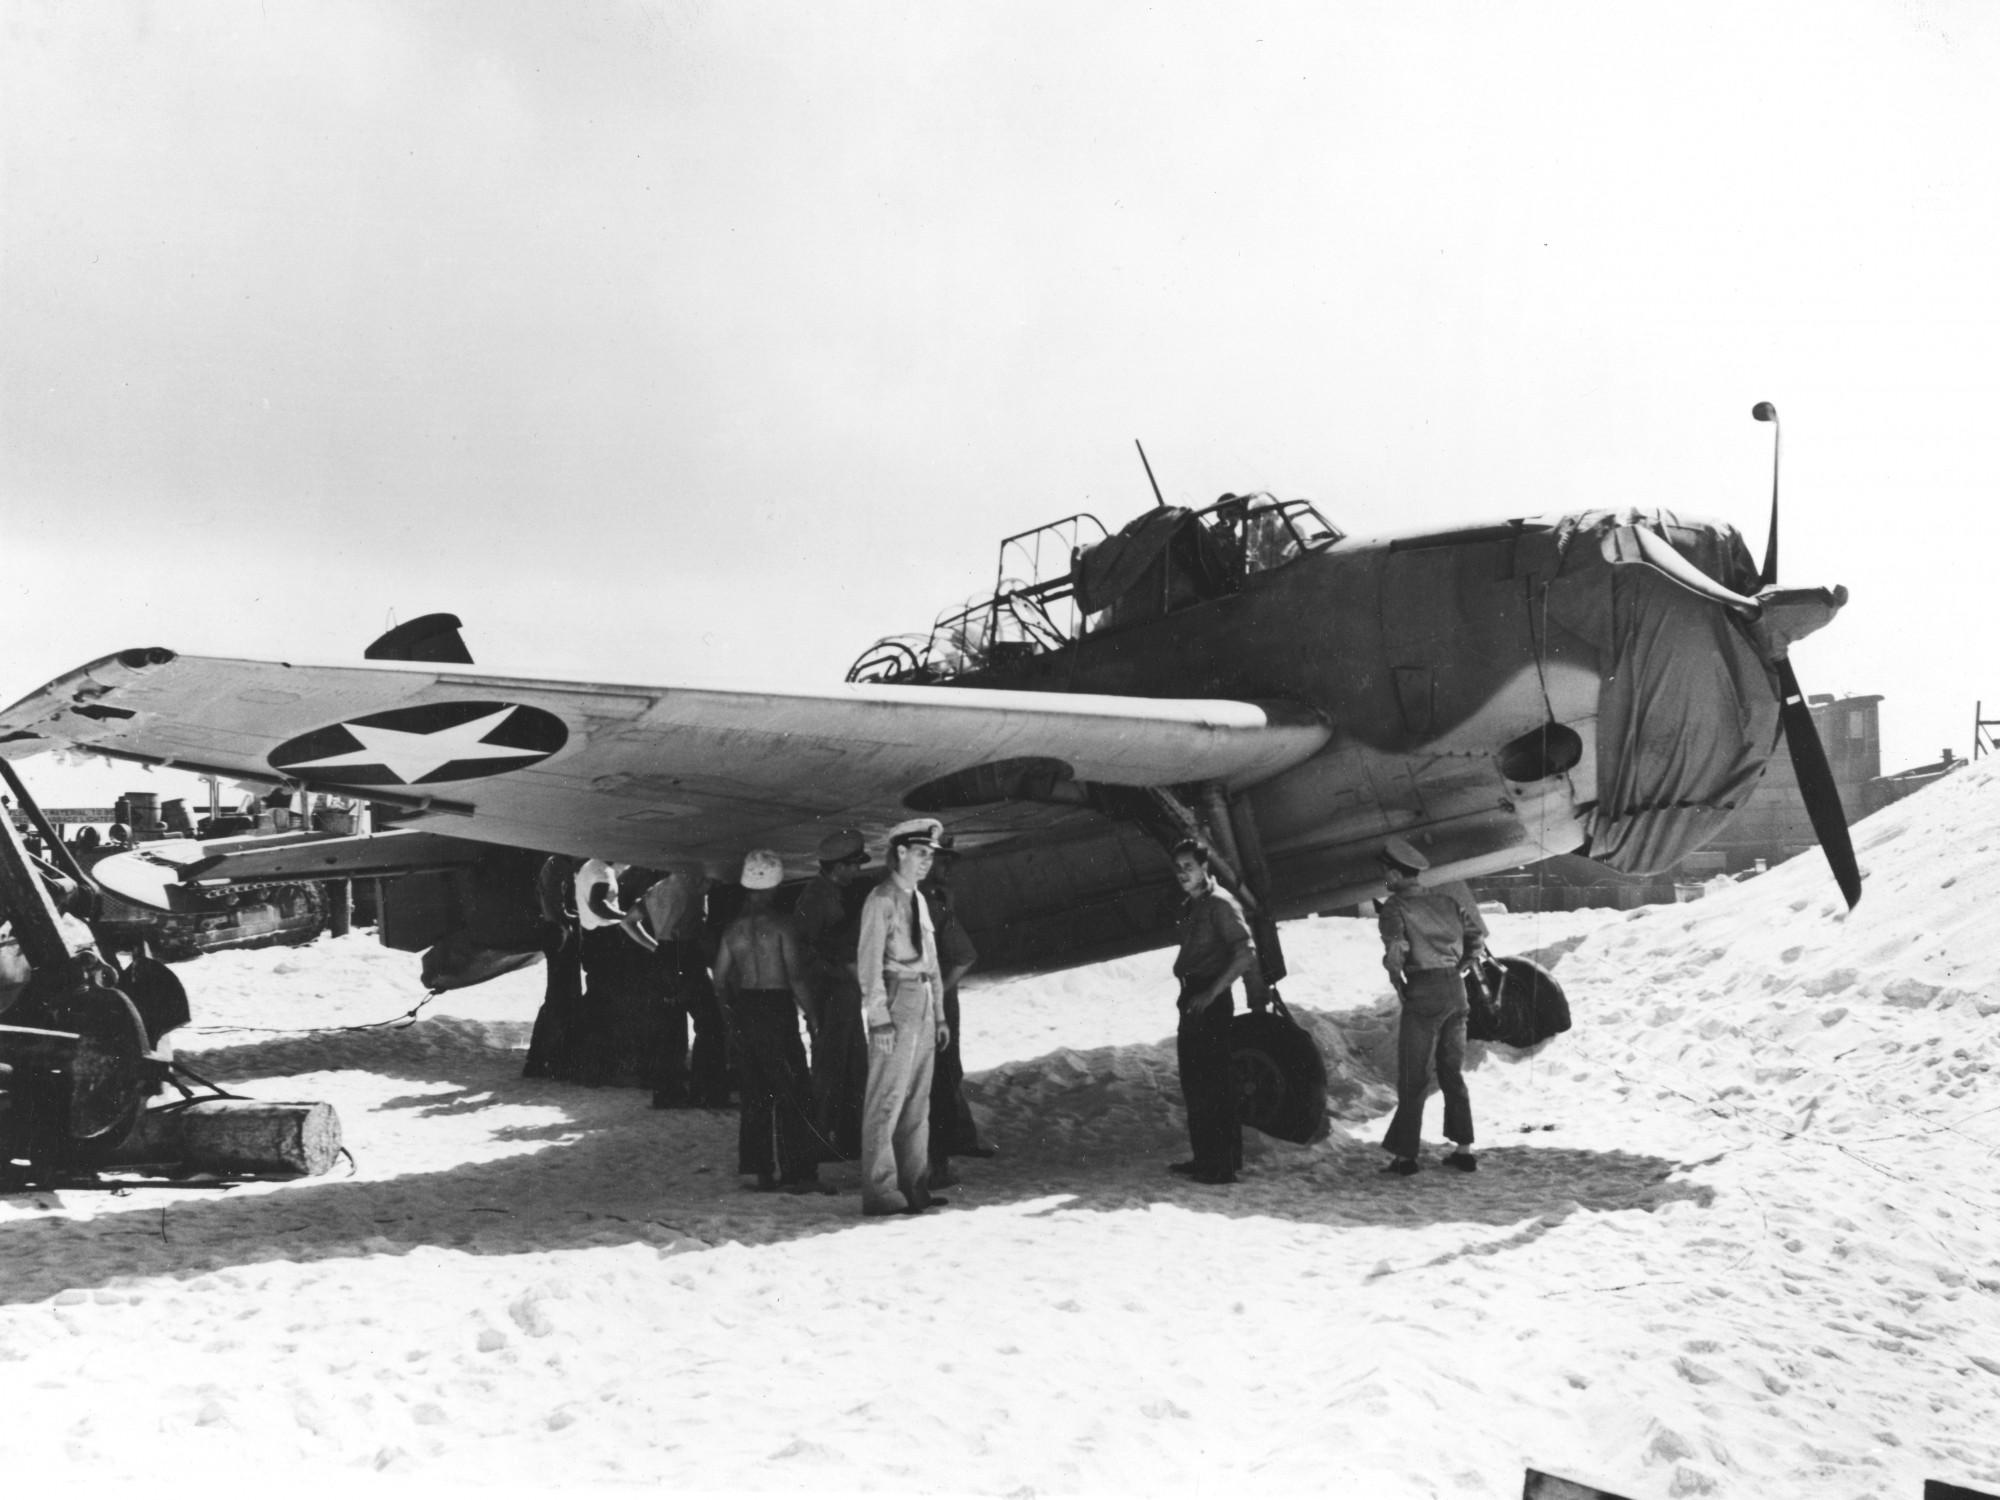 Фотография на единственият оцелял Авенджър (Grumman TBF-1 Avenger BuNo 00380, side number 8-T-1) от U.S. Navy Torpedo Squadron 8 (VT-8) на Източният остров Мидуей, малко след битката за Мидуей на 24 Юни 1942.